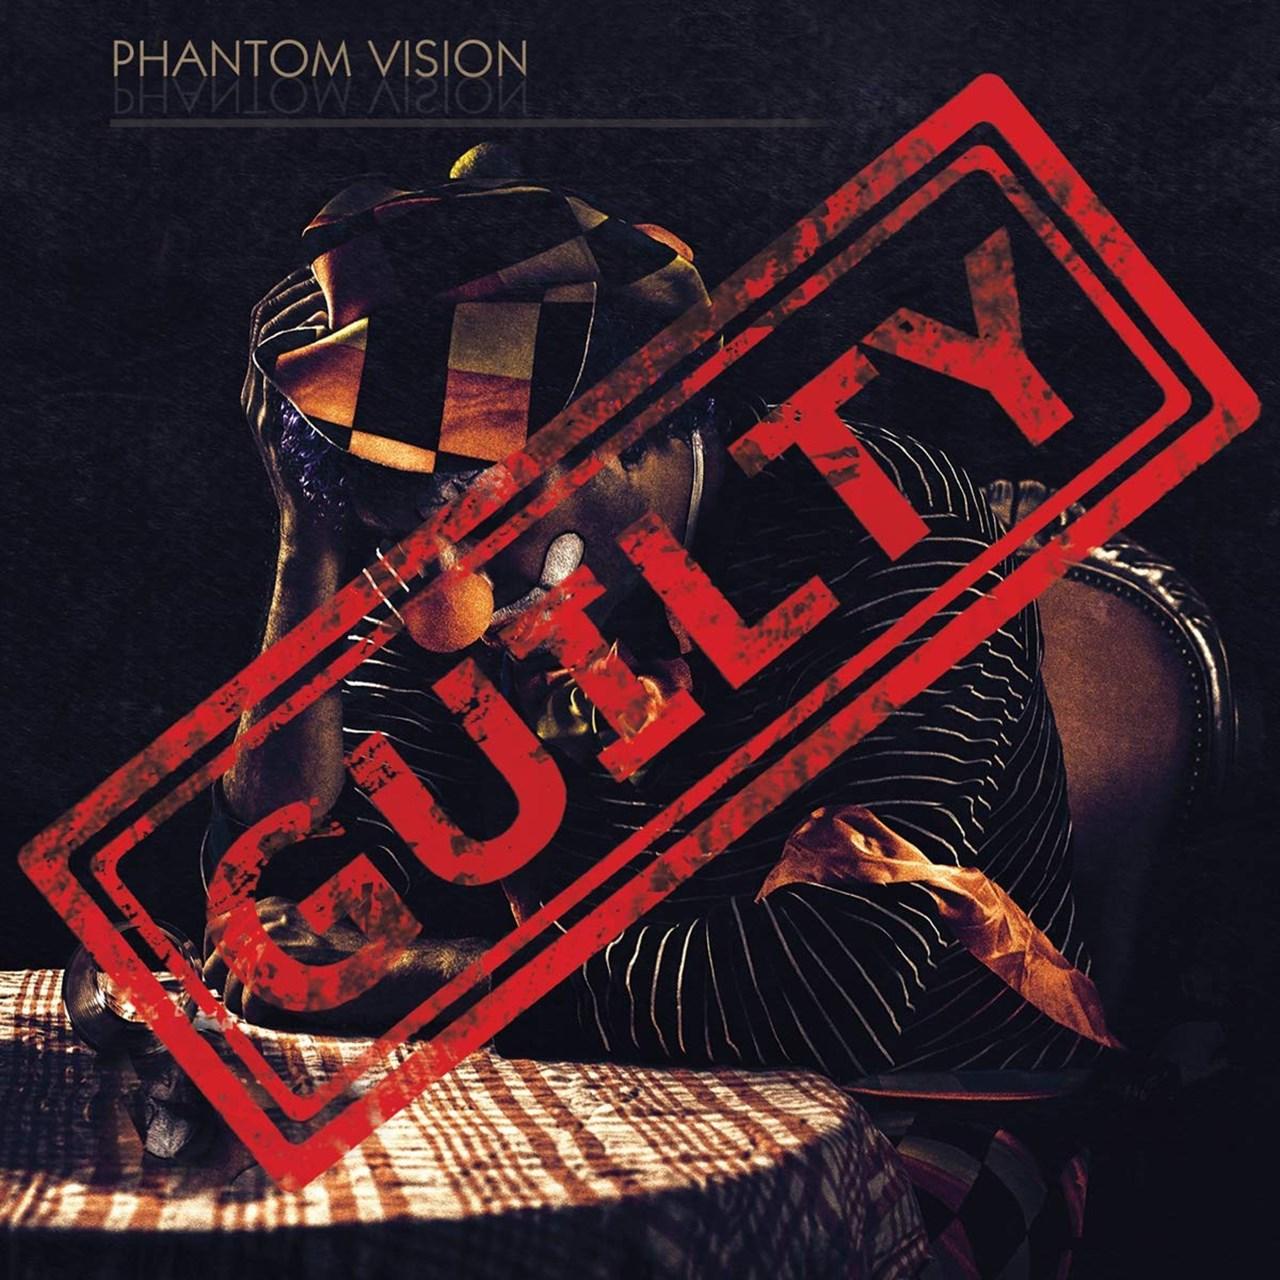 Guilty - 1